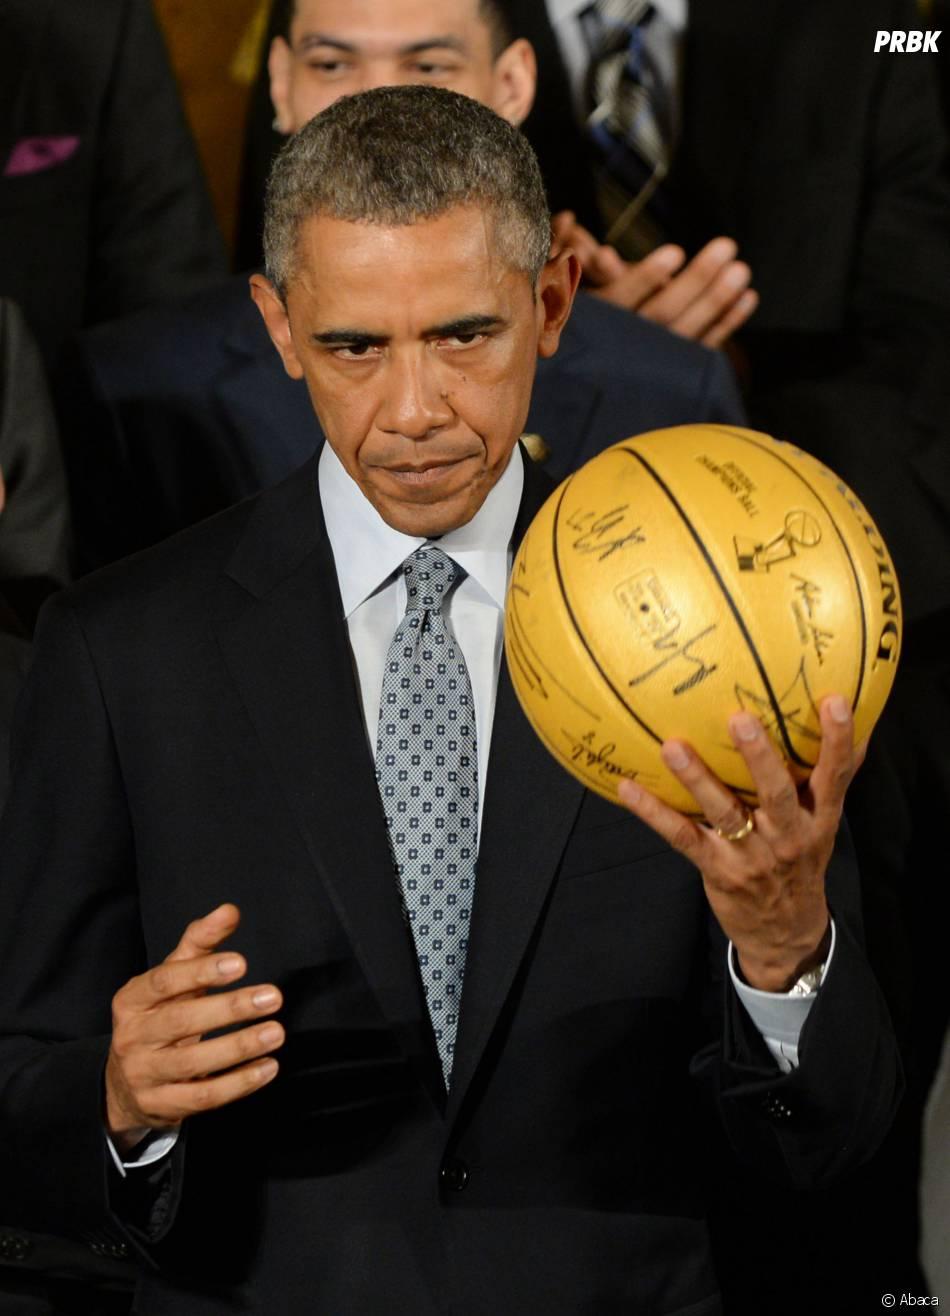 Barack Obama et un ballon de basket signé par ls Spurs, le 12 janvier 2015 à la Maison Blanche (Etats-Unis)